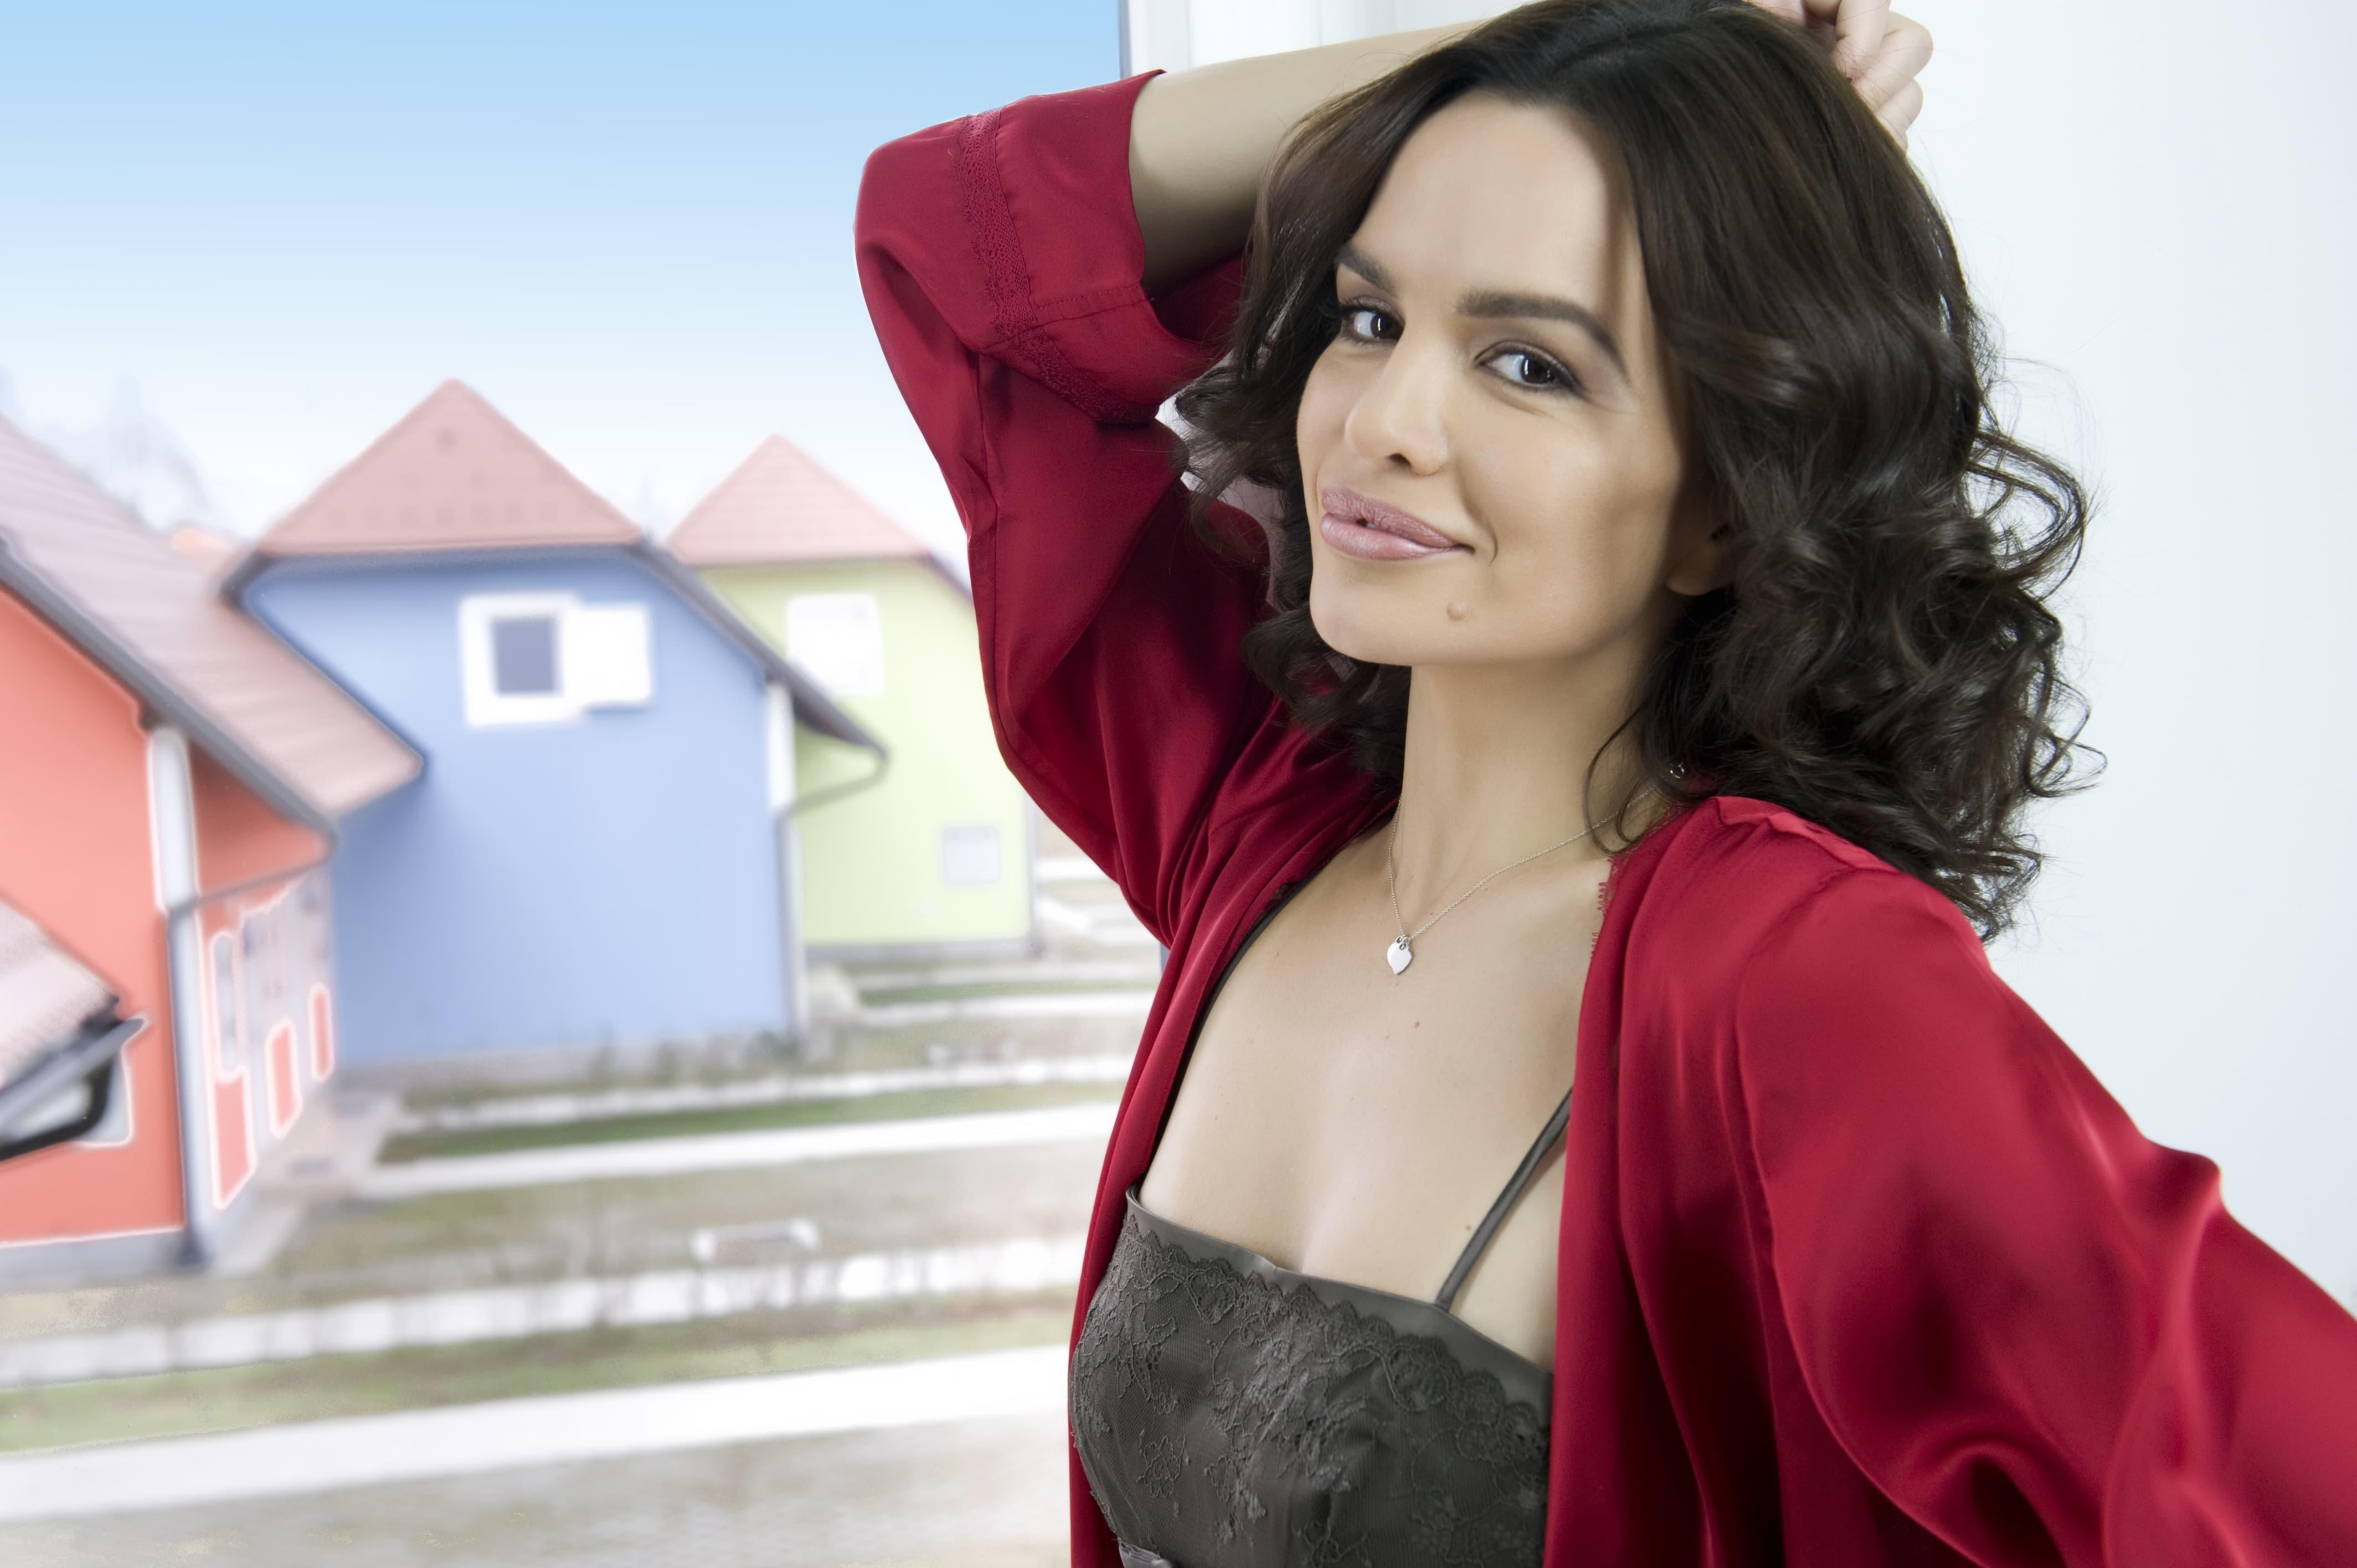 Leaked Severina Vuckovic nude photos 2019